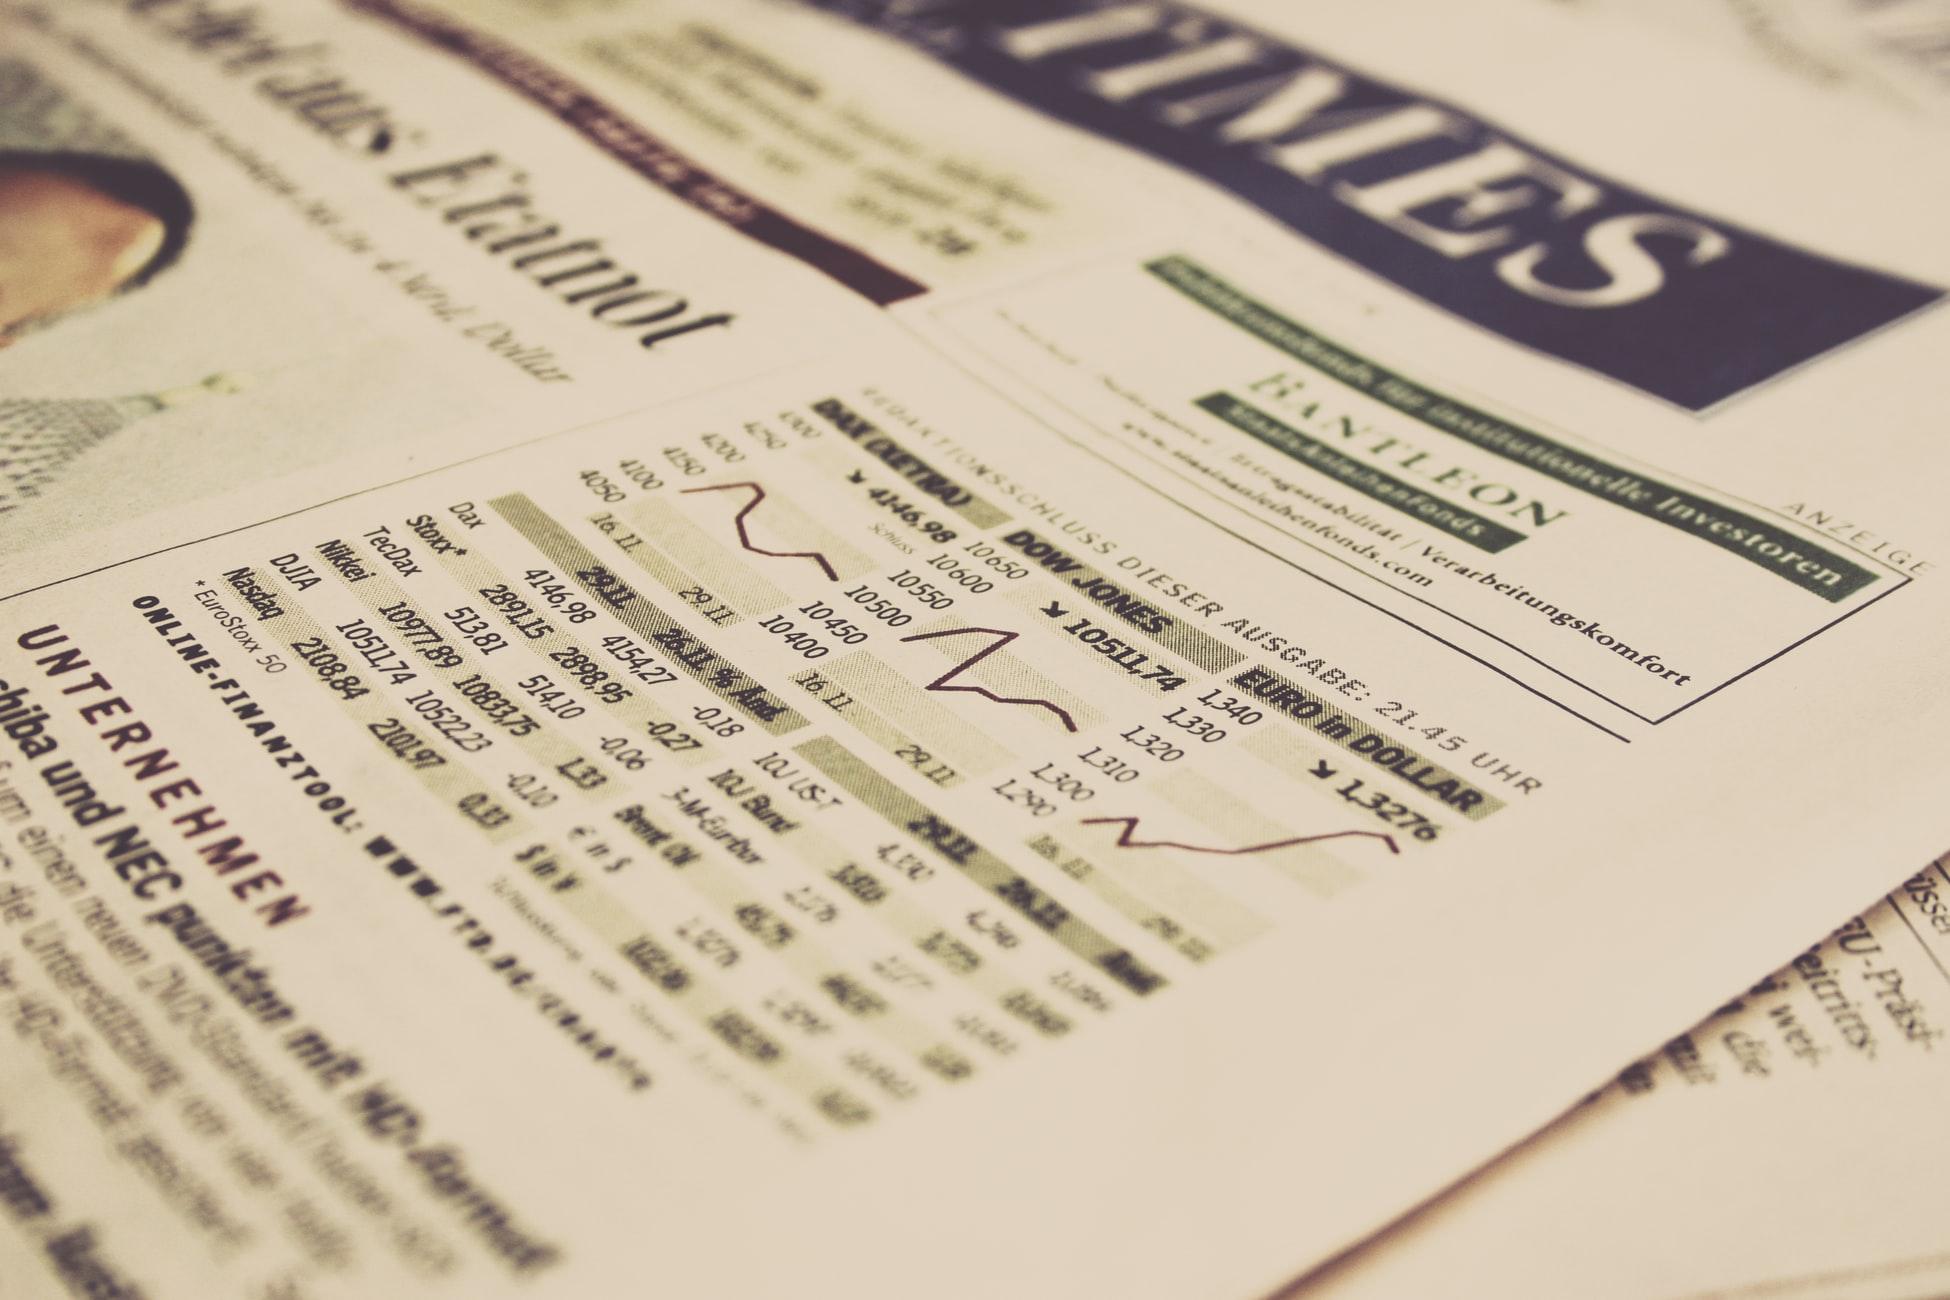 Börsennachrichten der New York Times